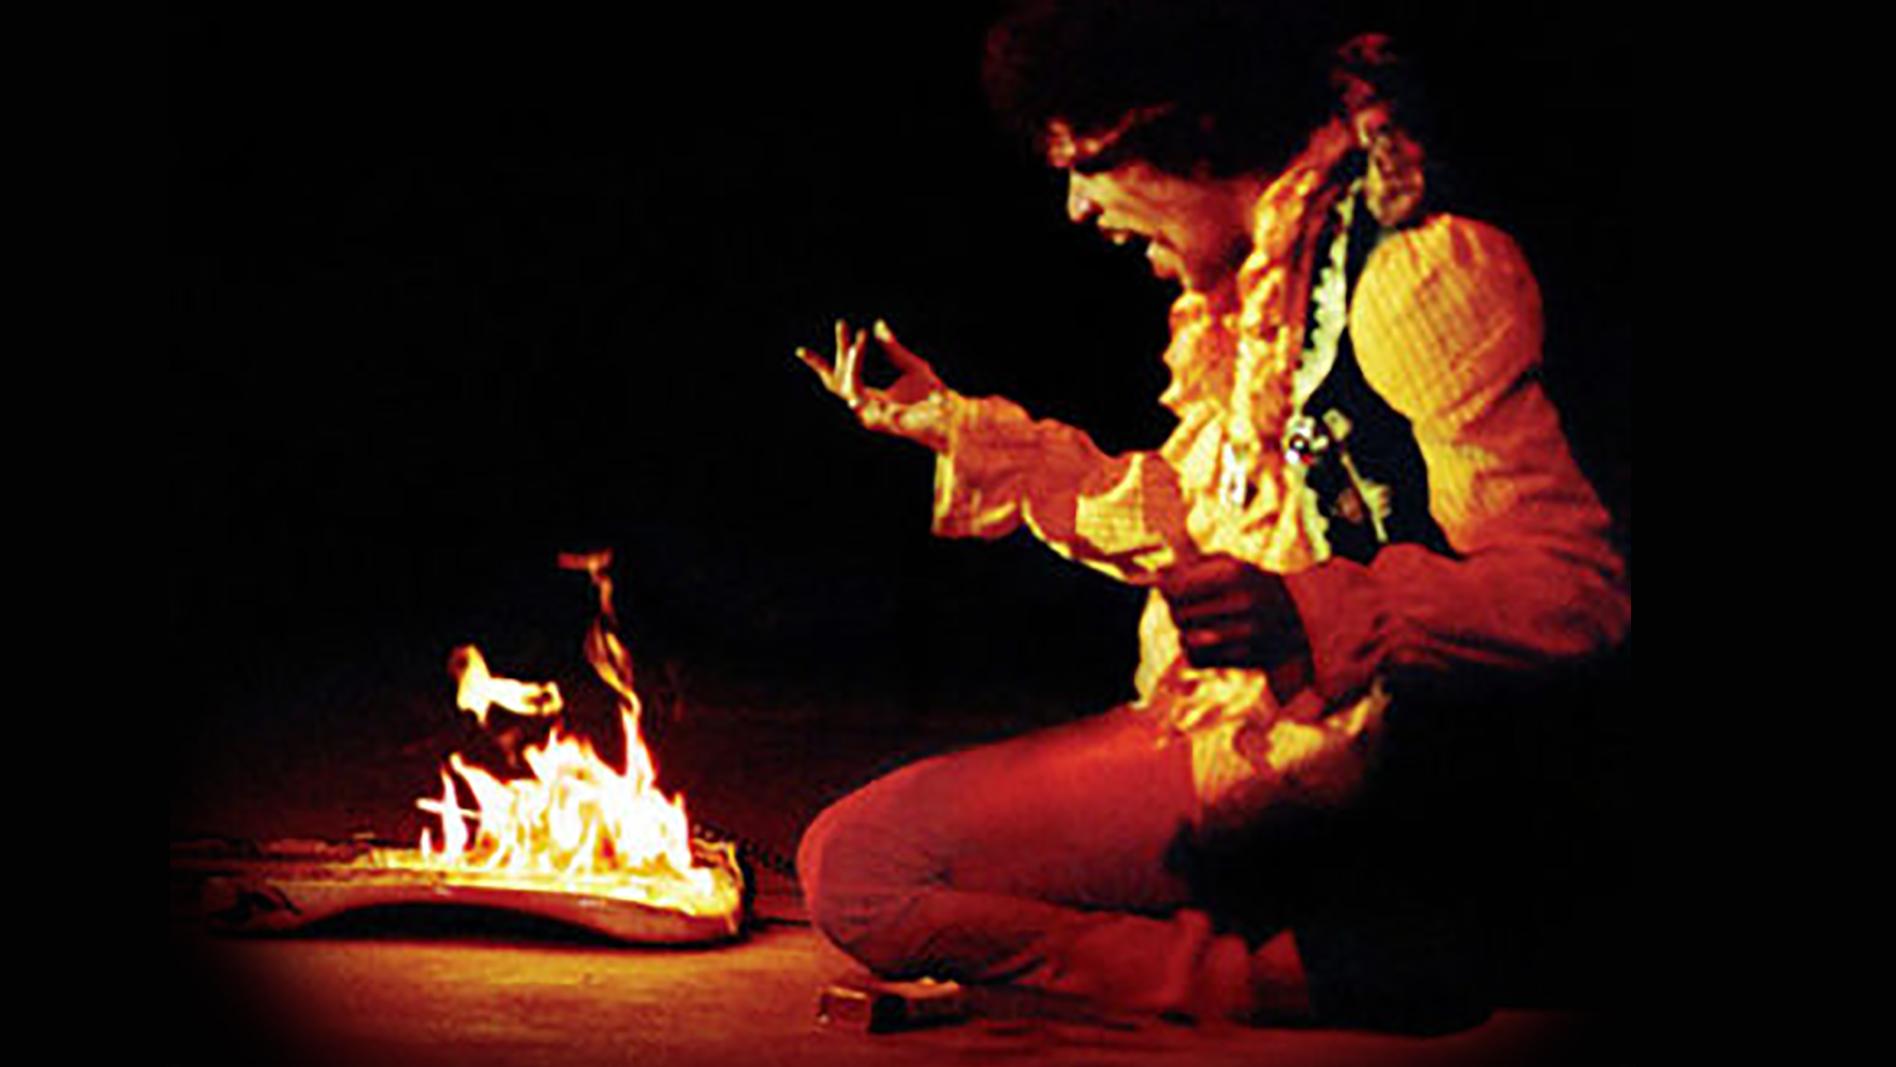 ho visto Jimi Hendrix